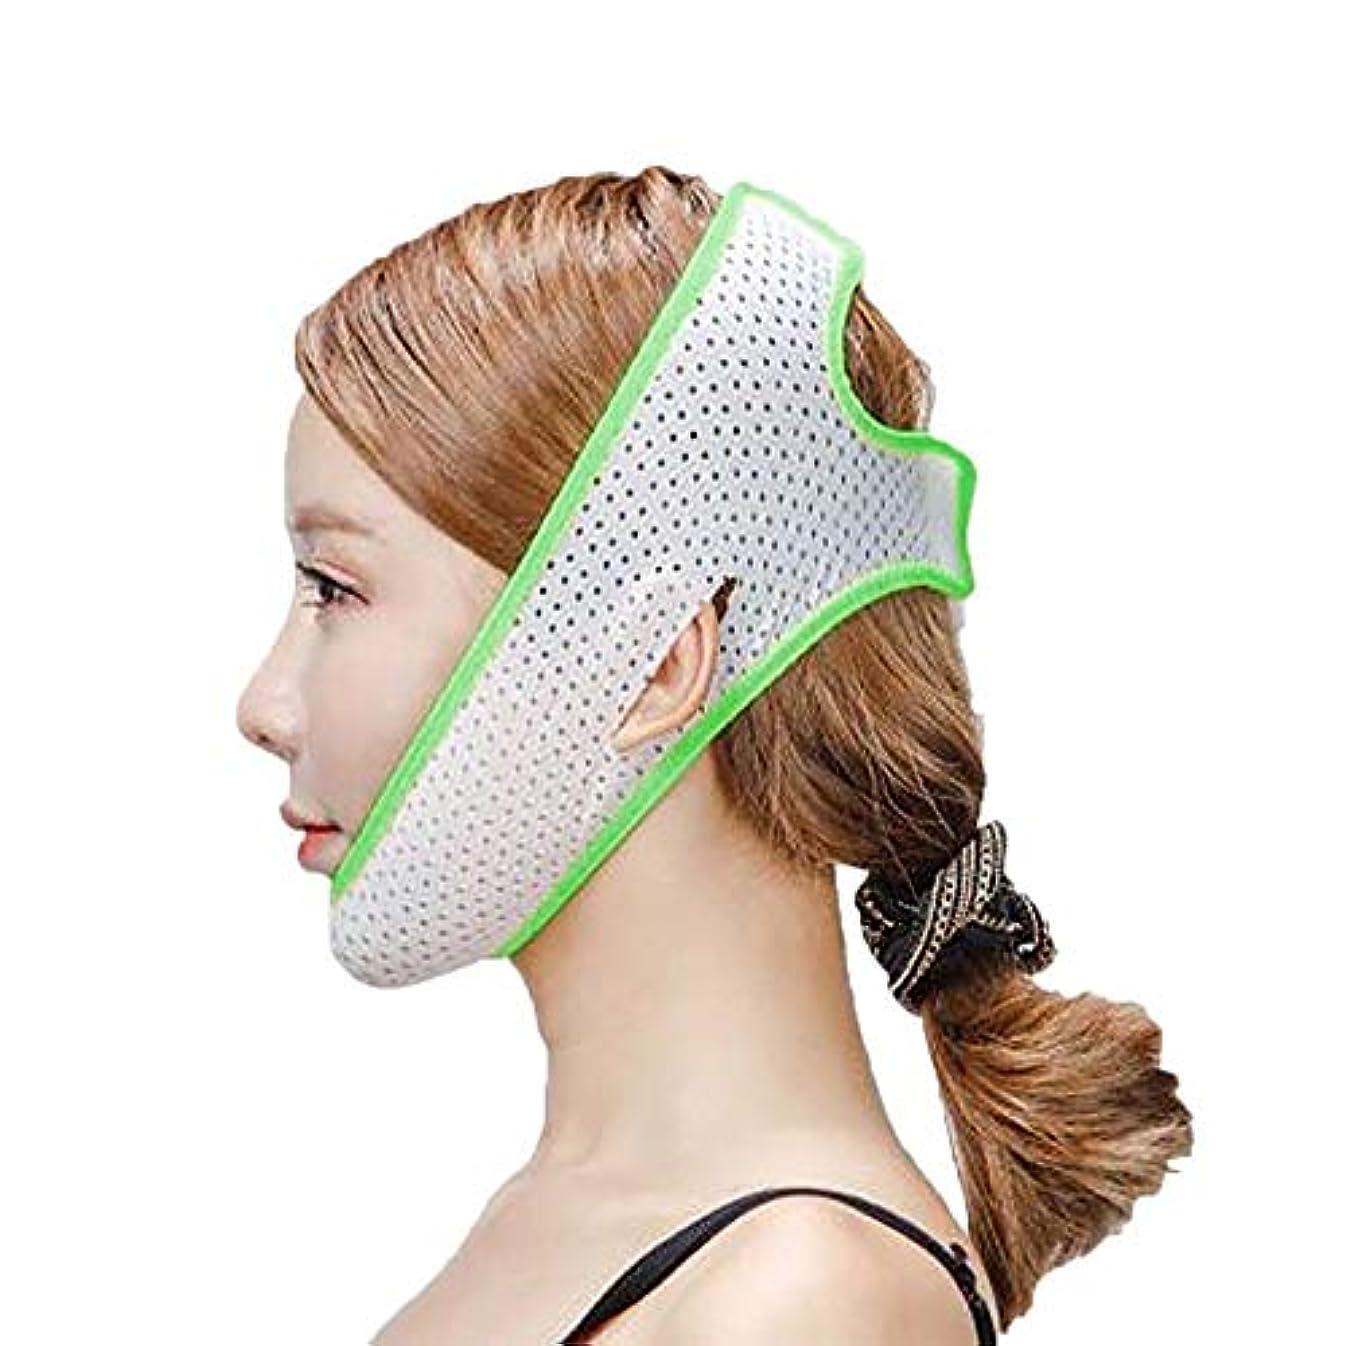 メンタルウィザードクリックXHLMRMJ フェイスリフトマスク、ダブルチンストラップ、フェイシャル減量マスク、フェイシャルダブルチンケアスリミングマスク、リンクルマスク(フリーサイズ) (Color : Green)